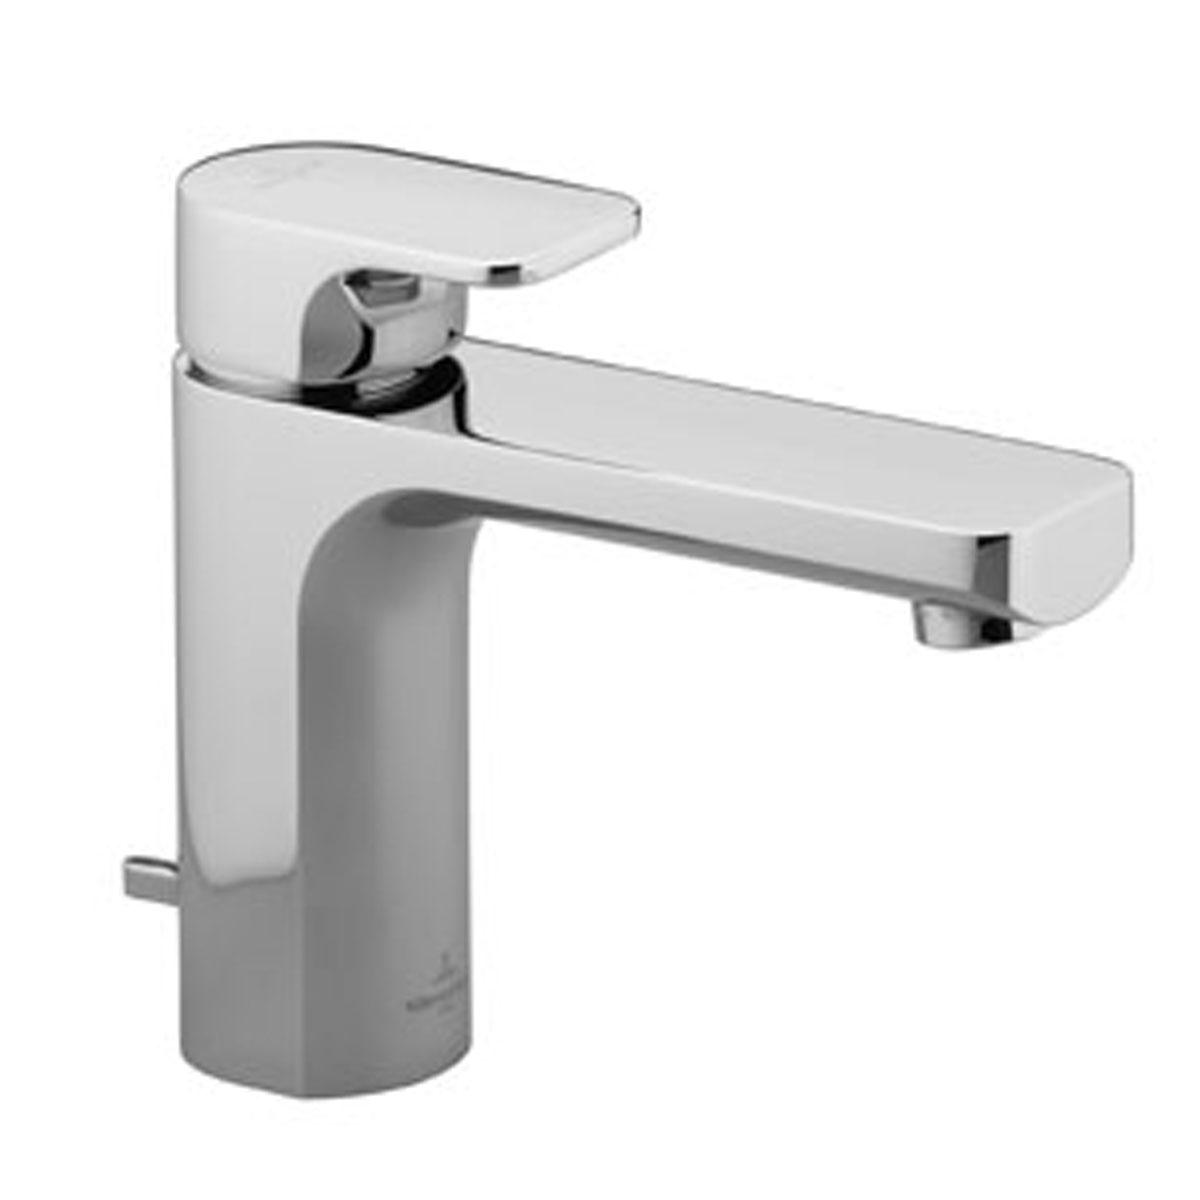 ###『カード対応OK!』■リラインス 水栓【33.500.960.00】1穴型シングルレバー洗面用混合栓(135mm)ポップアップ機能付